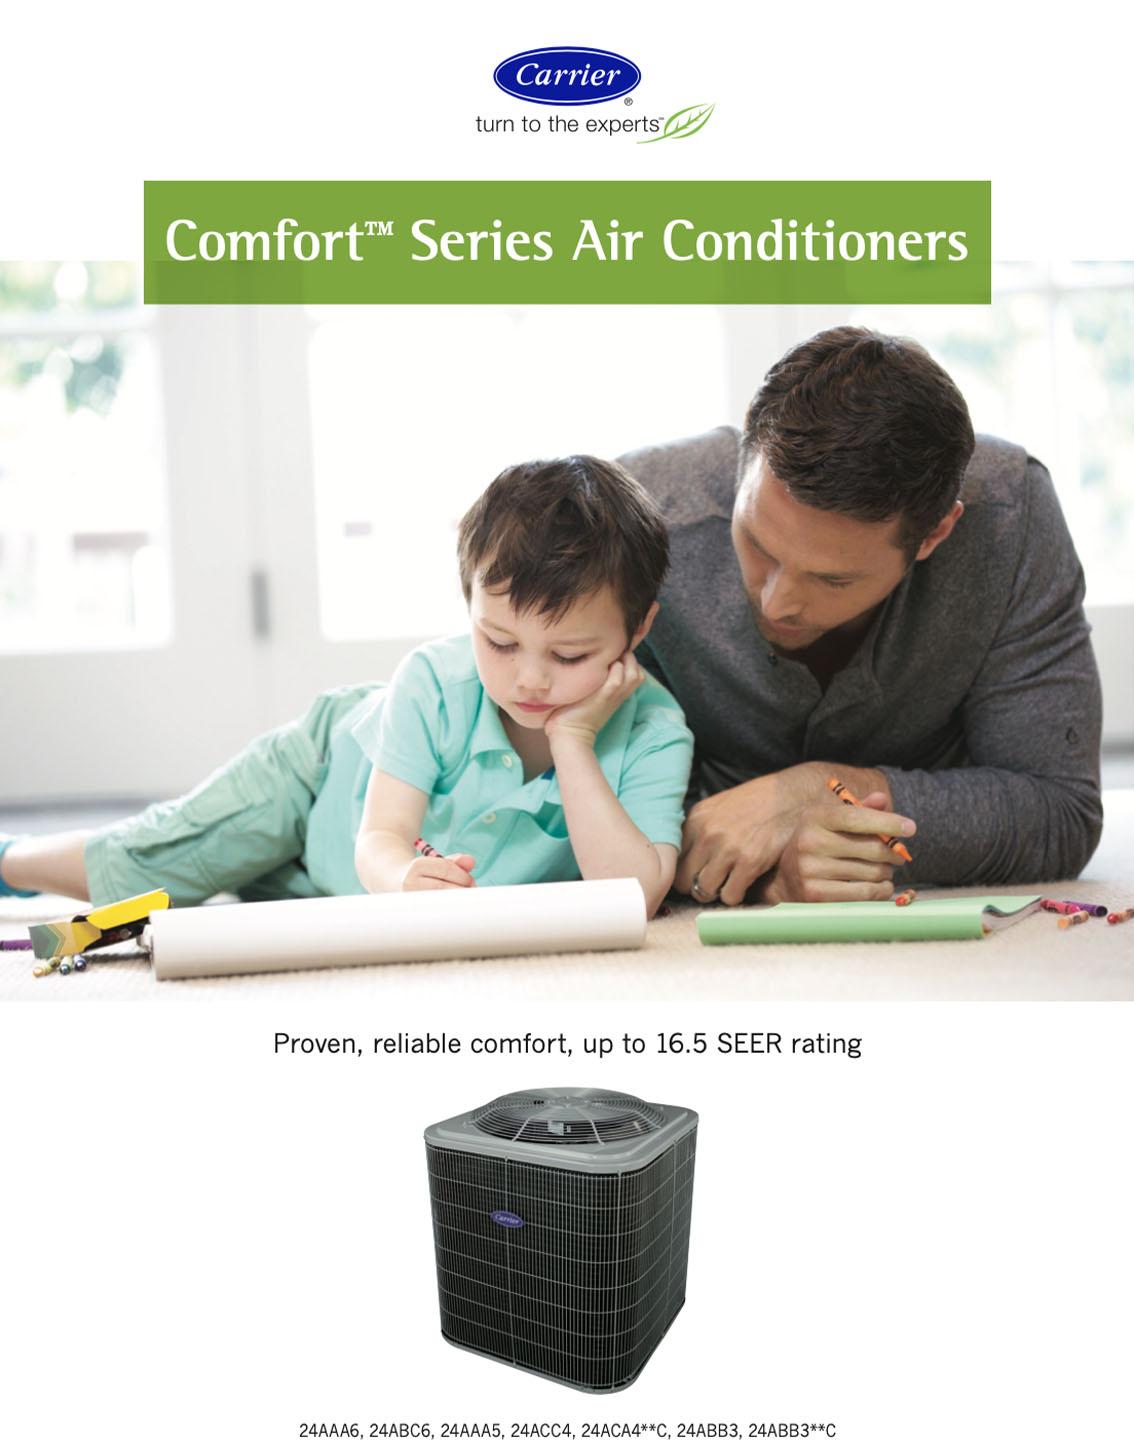 Comfort Series AC Units